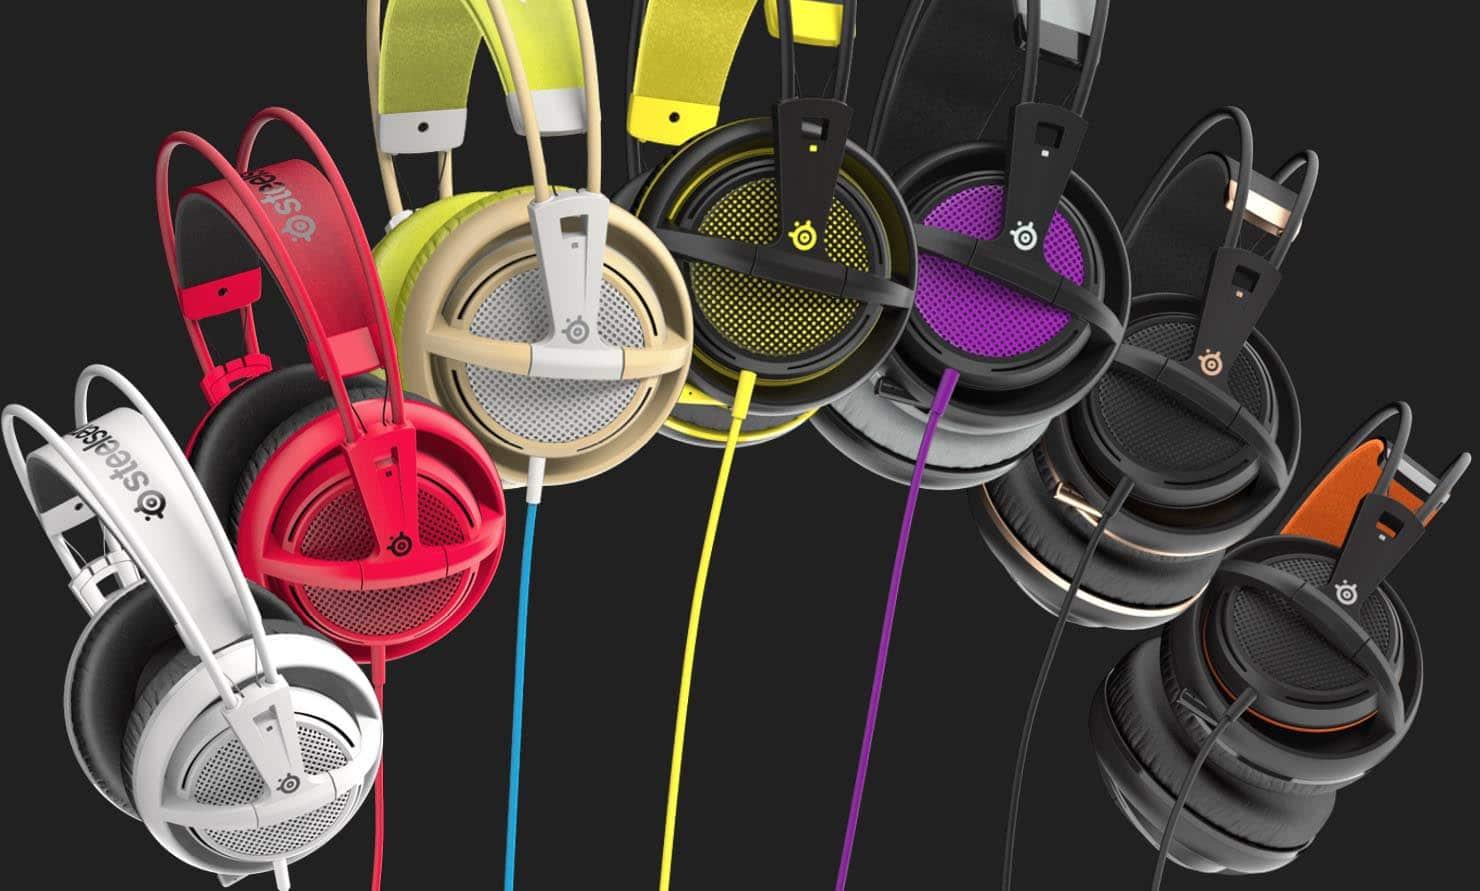 Steelseries Siberia 200 Gaming Headset Review | eTeknix